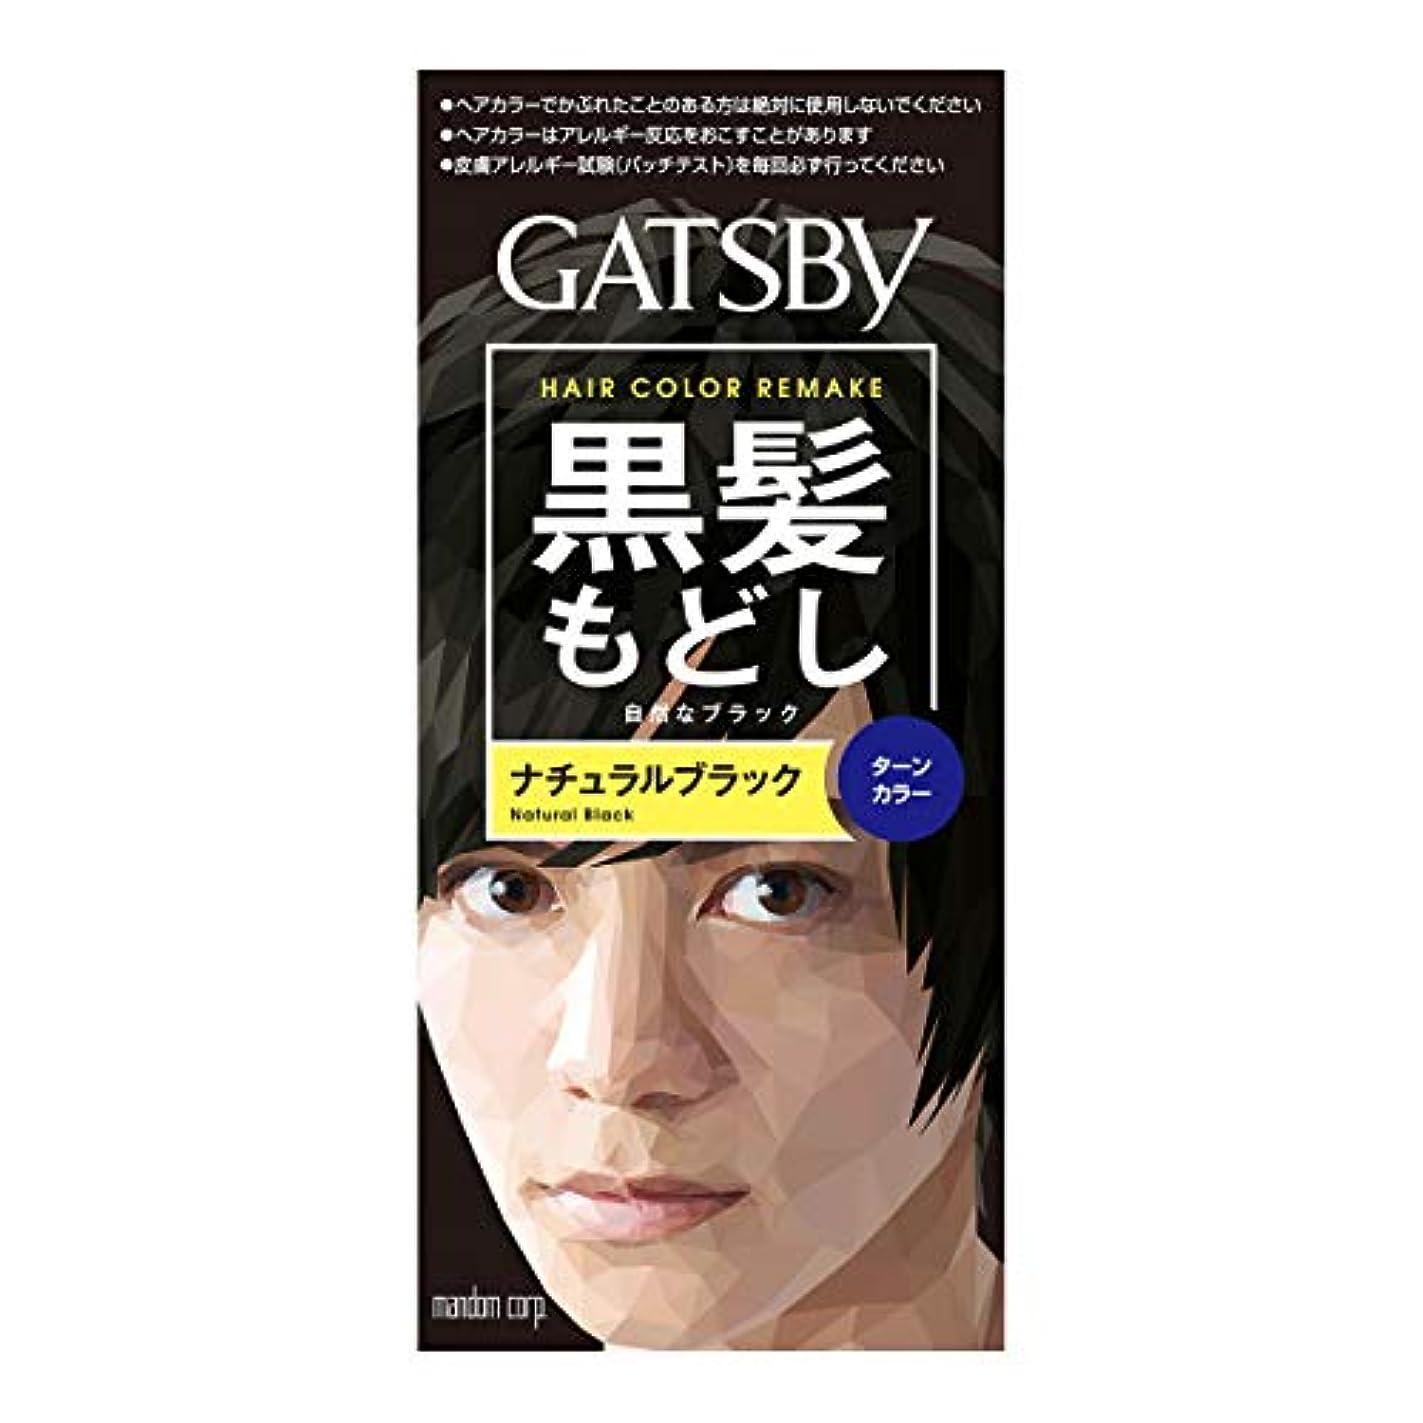 マナー誤解させる錆びGATSBY(ギャツビー) ターンカラー ナチュラルブラック 1剤35g 2剤70mL (医薬部外品)